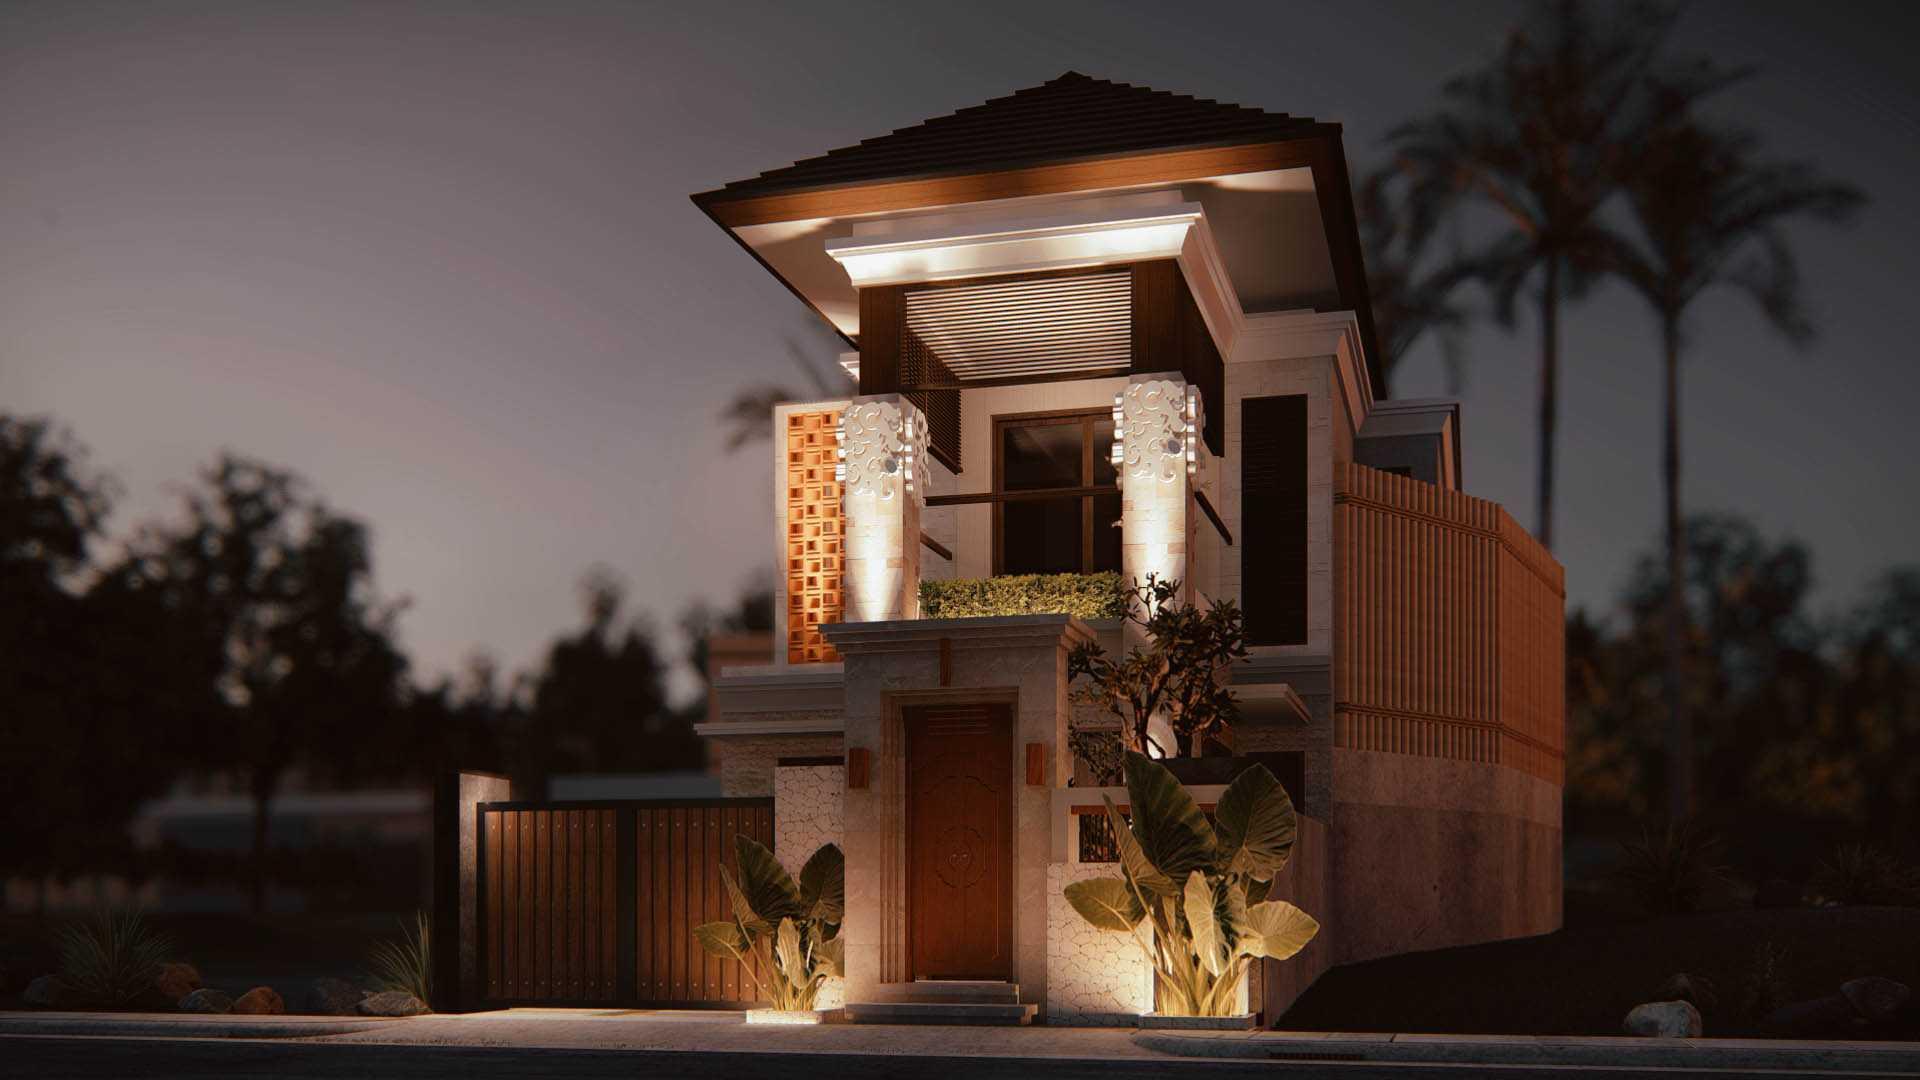 Axis Citra Pama Rumah Cupak Solok, Sumatera Barat, Indonesia Solok, Sumatera Barat, Indonesia Axis&m Architects|Rumah Cupak Asian 114768